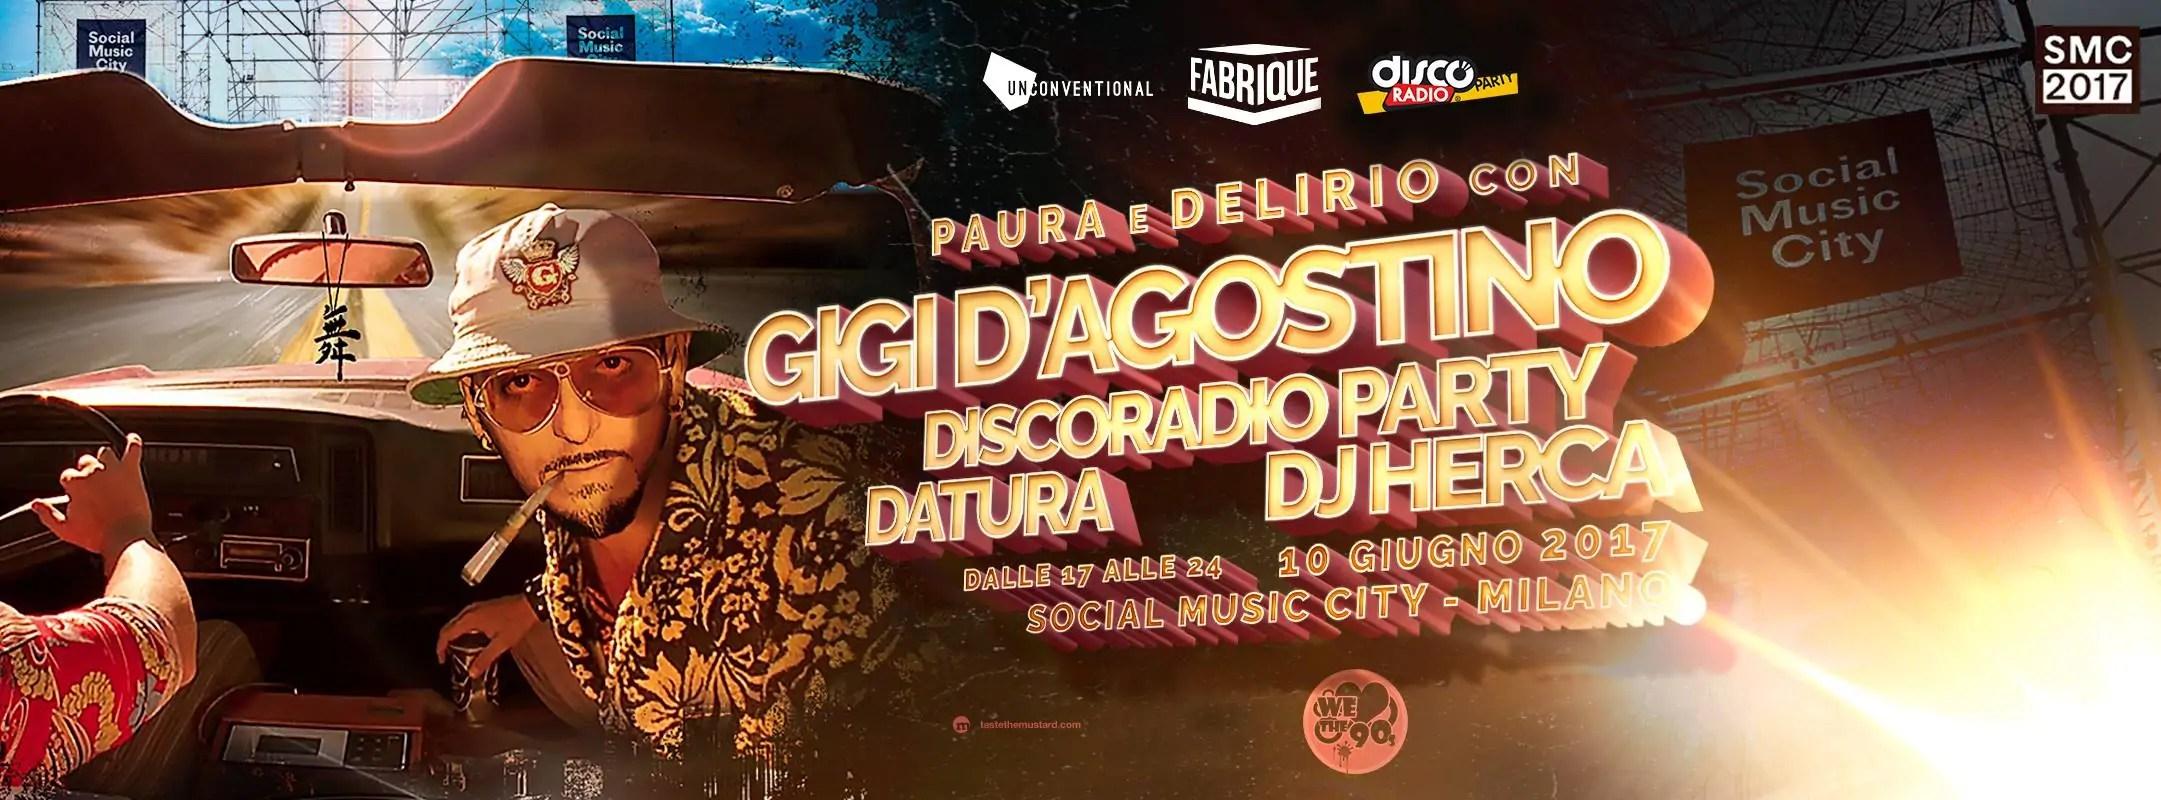 Gigi D'agostino Social Music City 10 06 207